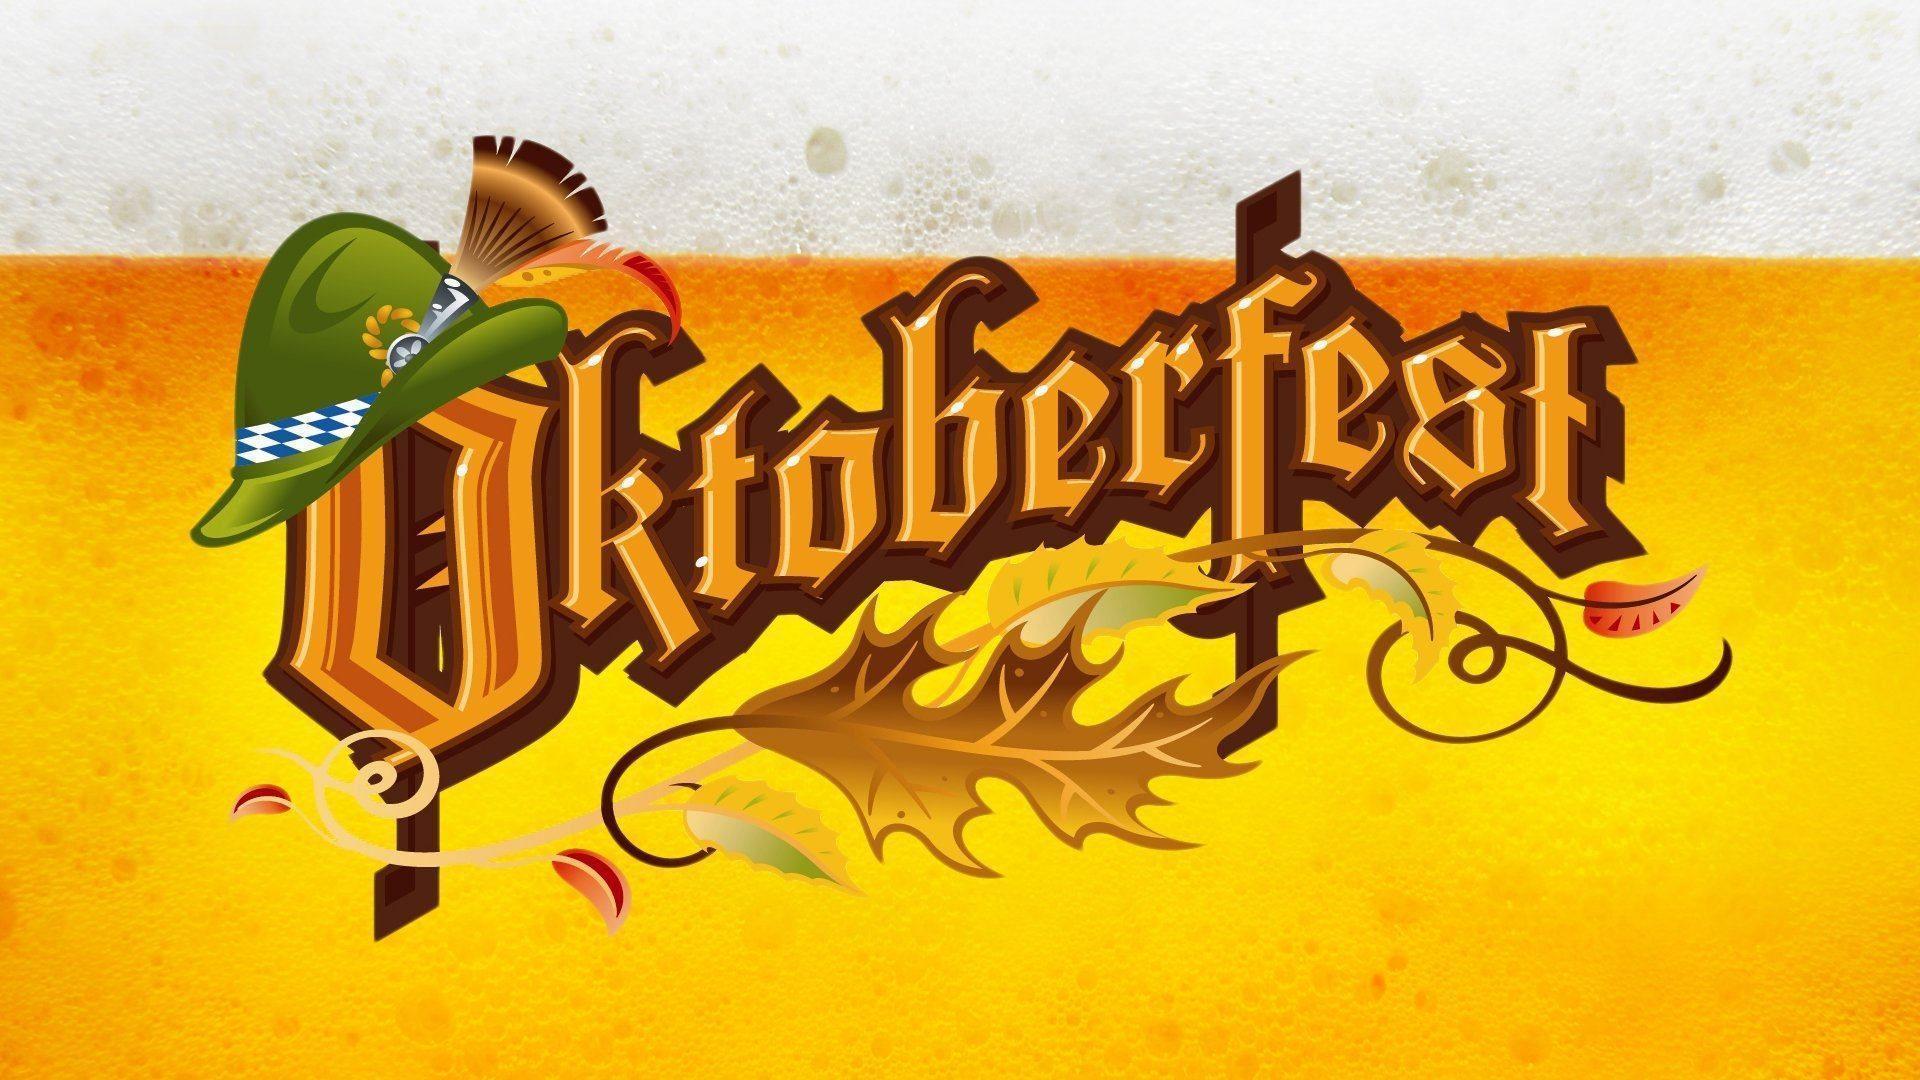 Oktoberfest Wallpapers 1920x1080